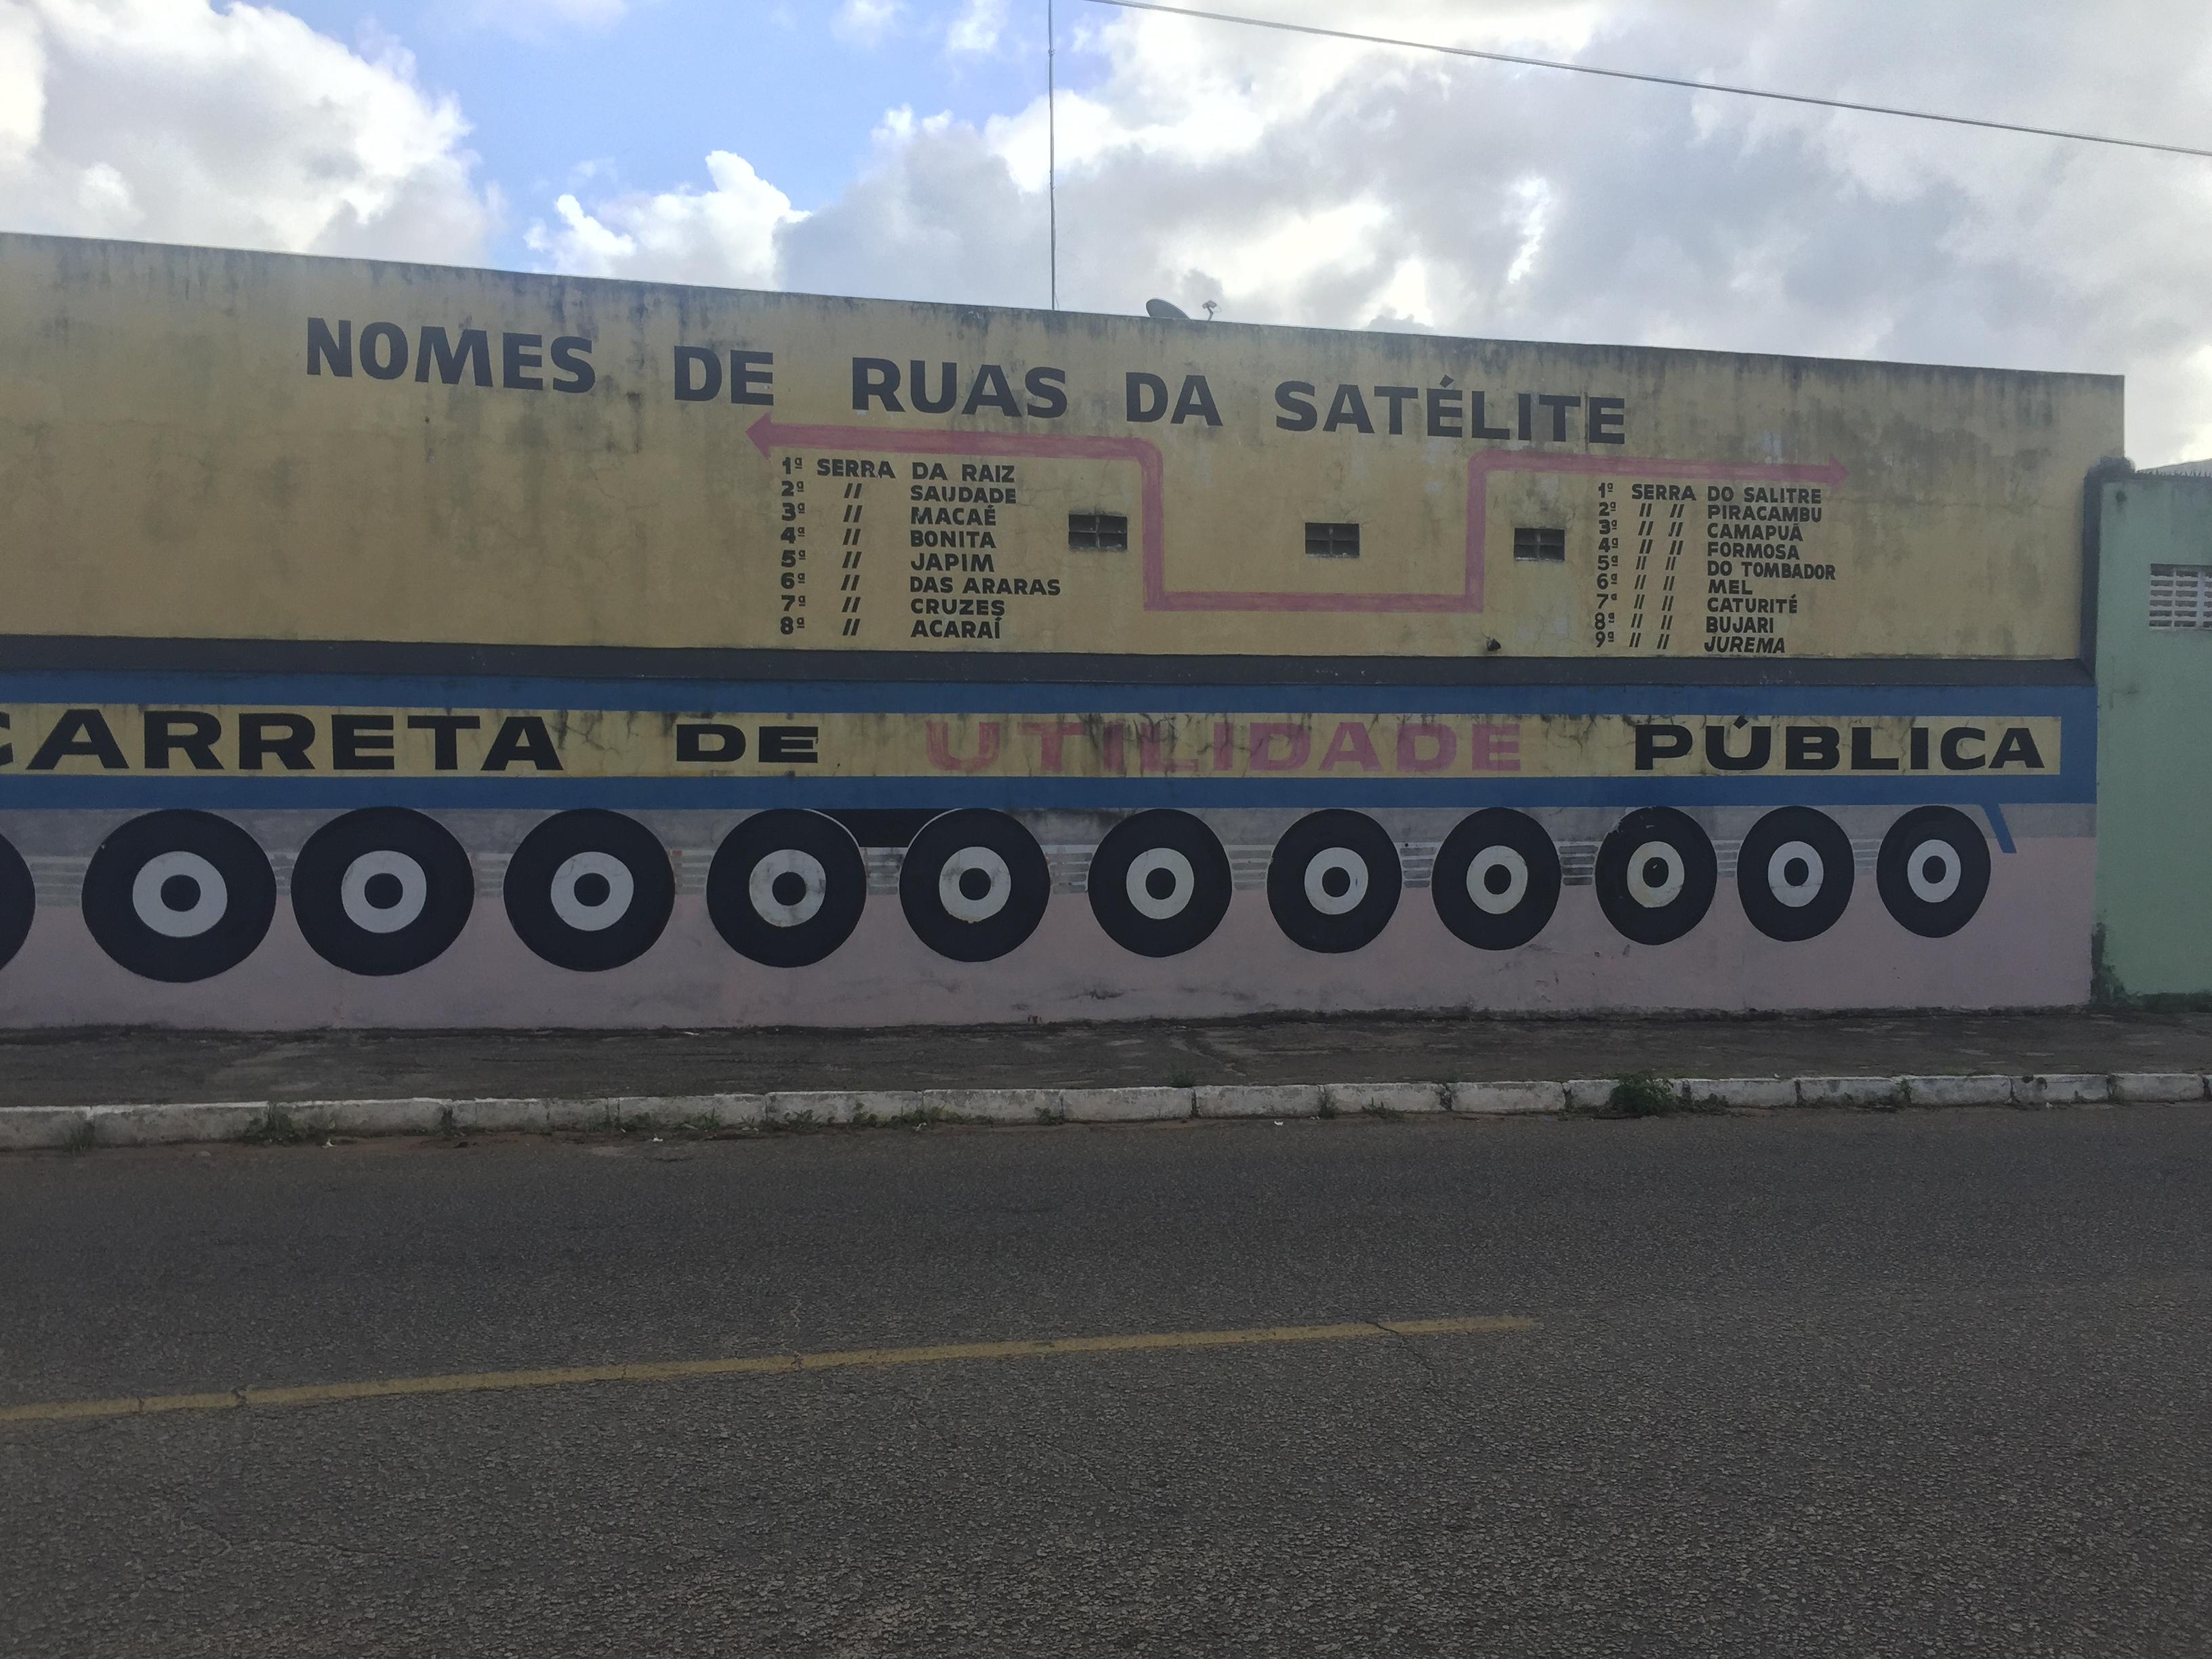 Aposentado usa parede para consultar ruas de Satélite